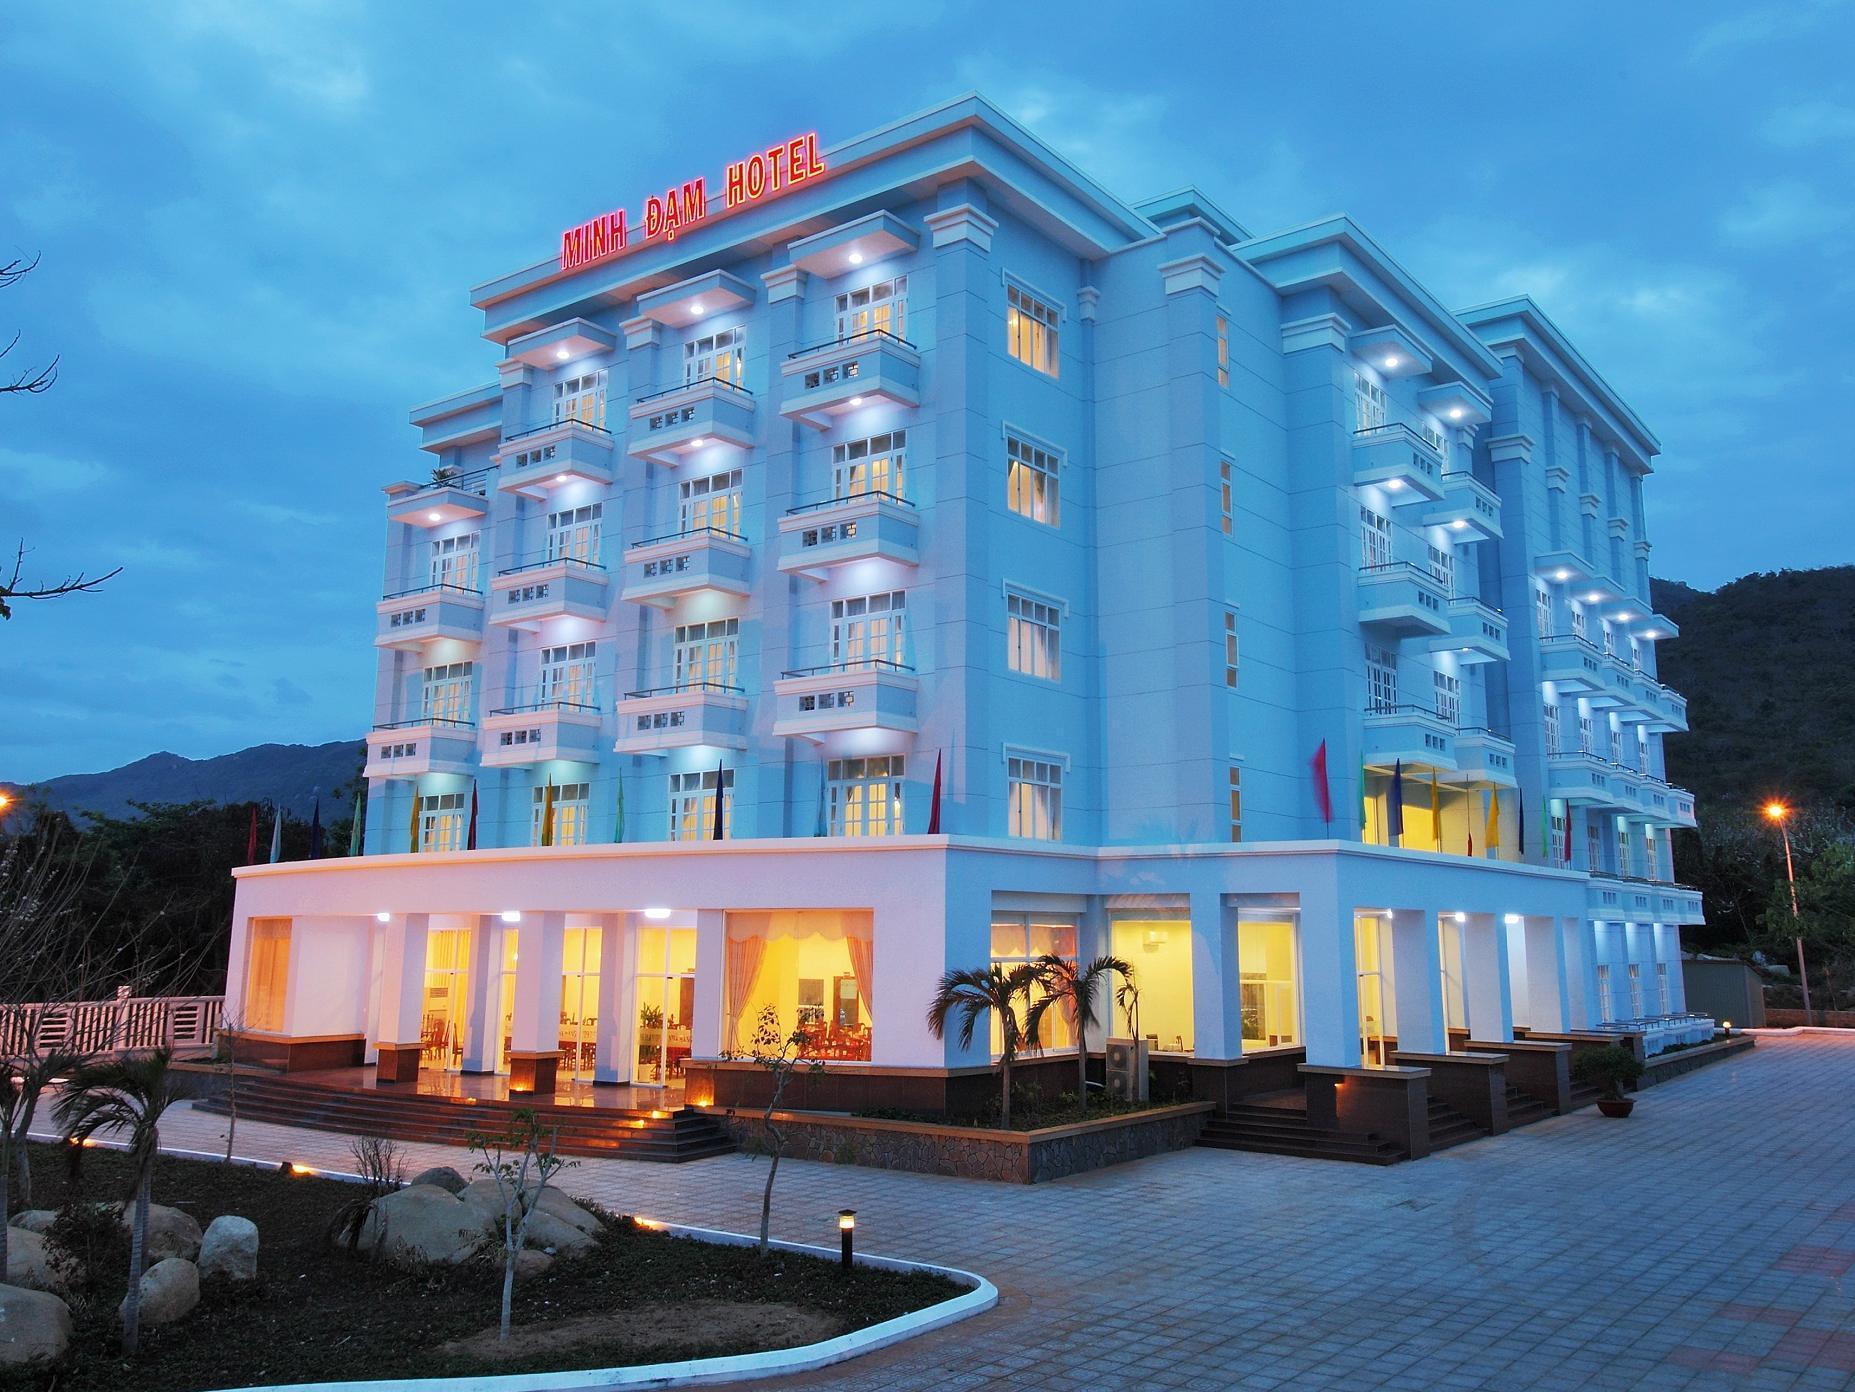 Minh Dam Hotel - Hotell och Boende i Vietnam , Vung Tau